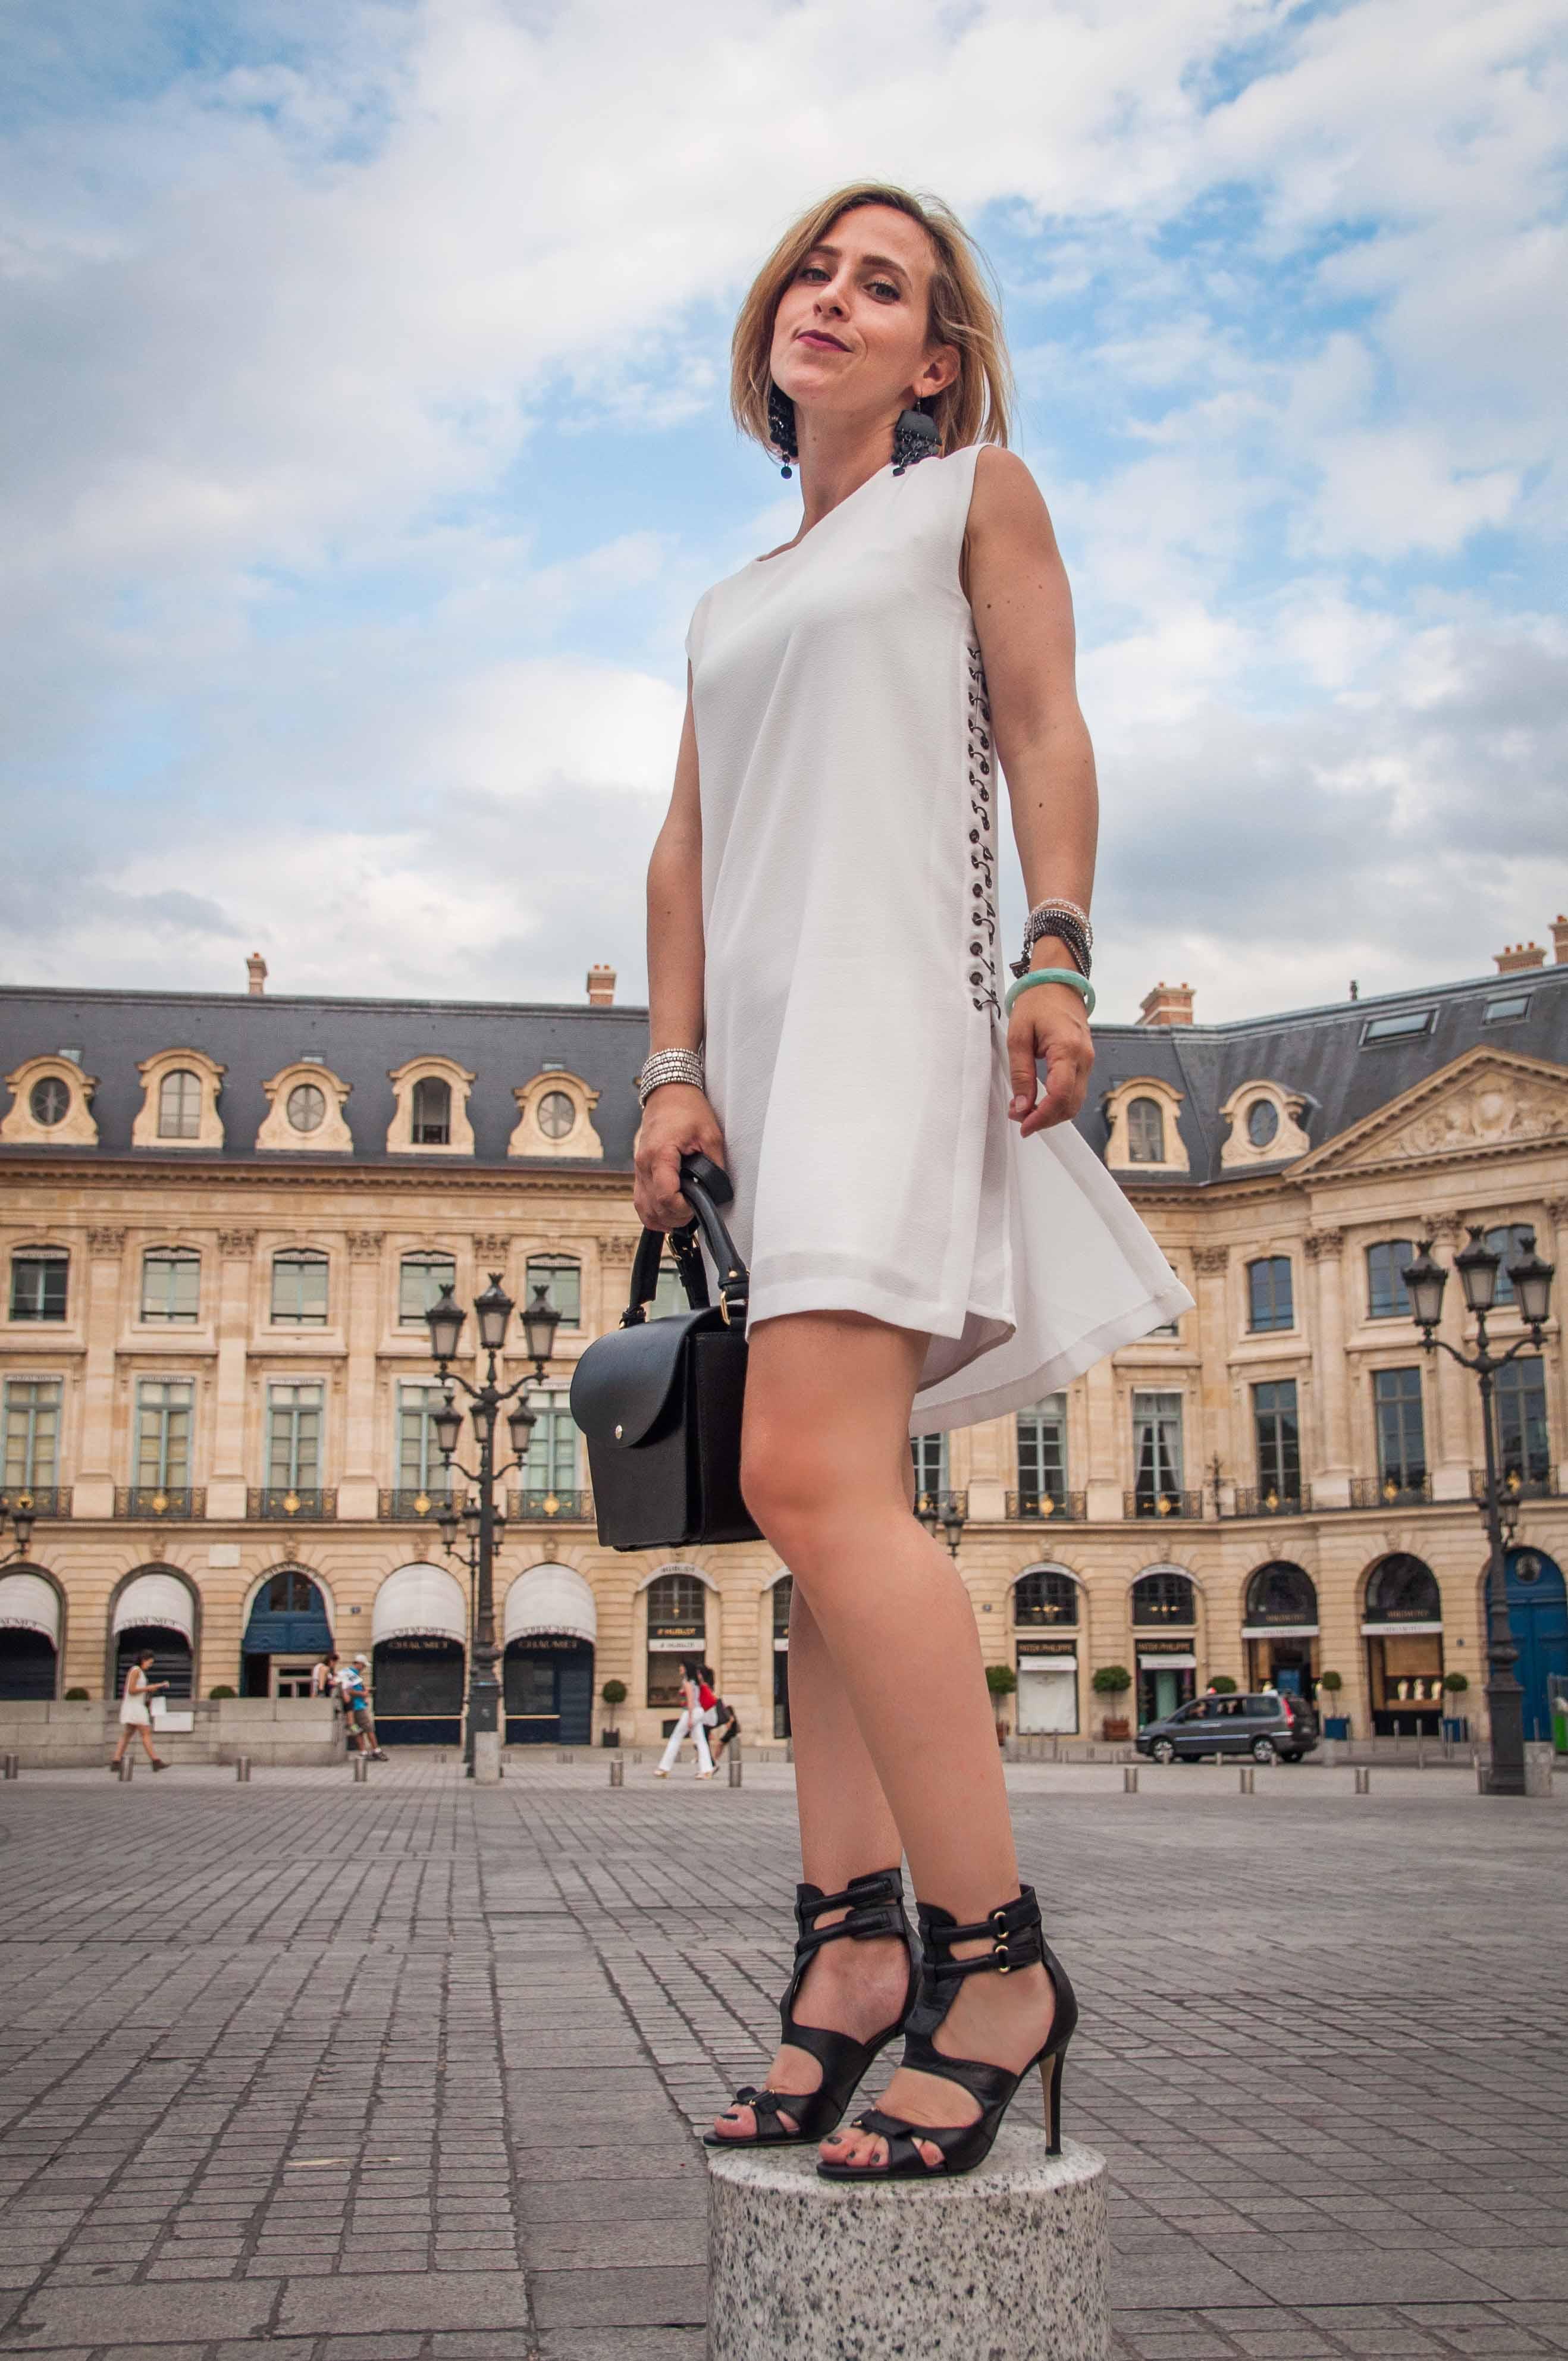 c8c6ba94b3863 Look femme avec robe élégante pour diner en amoureux - blog mode